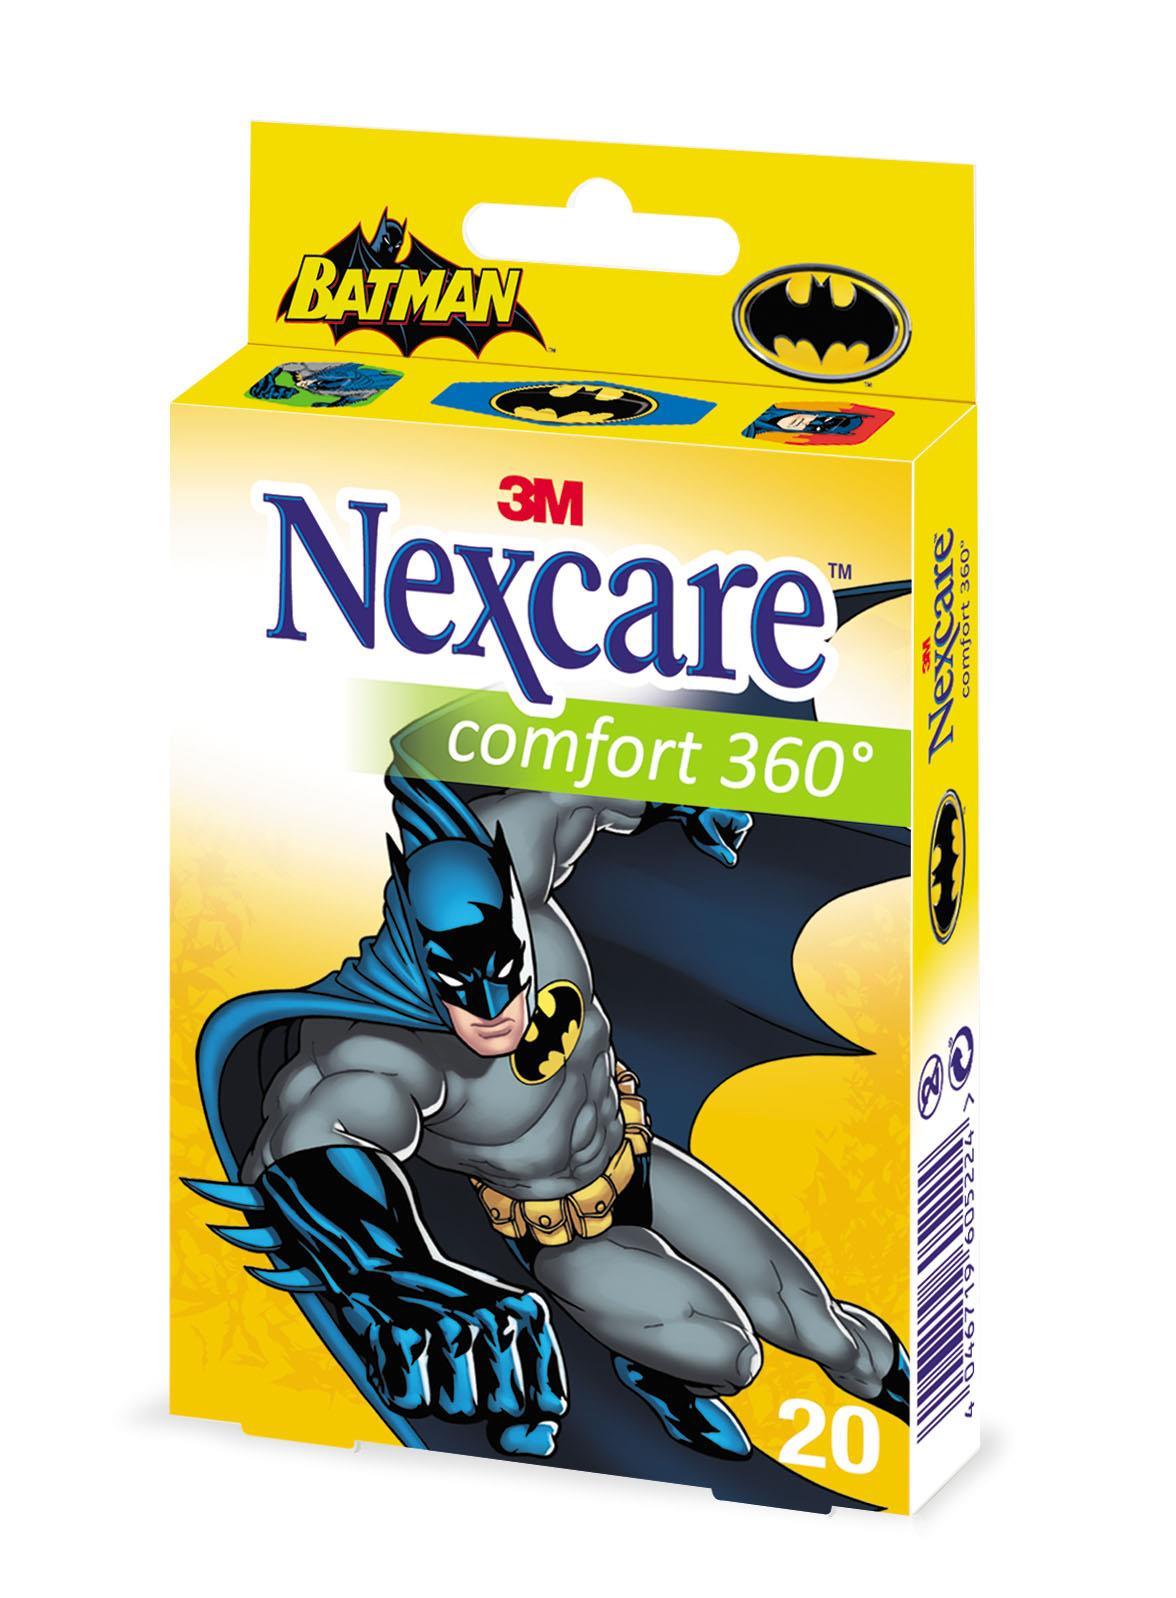 3M Nexcare Kinderpflaster Comfort 360° Batman